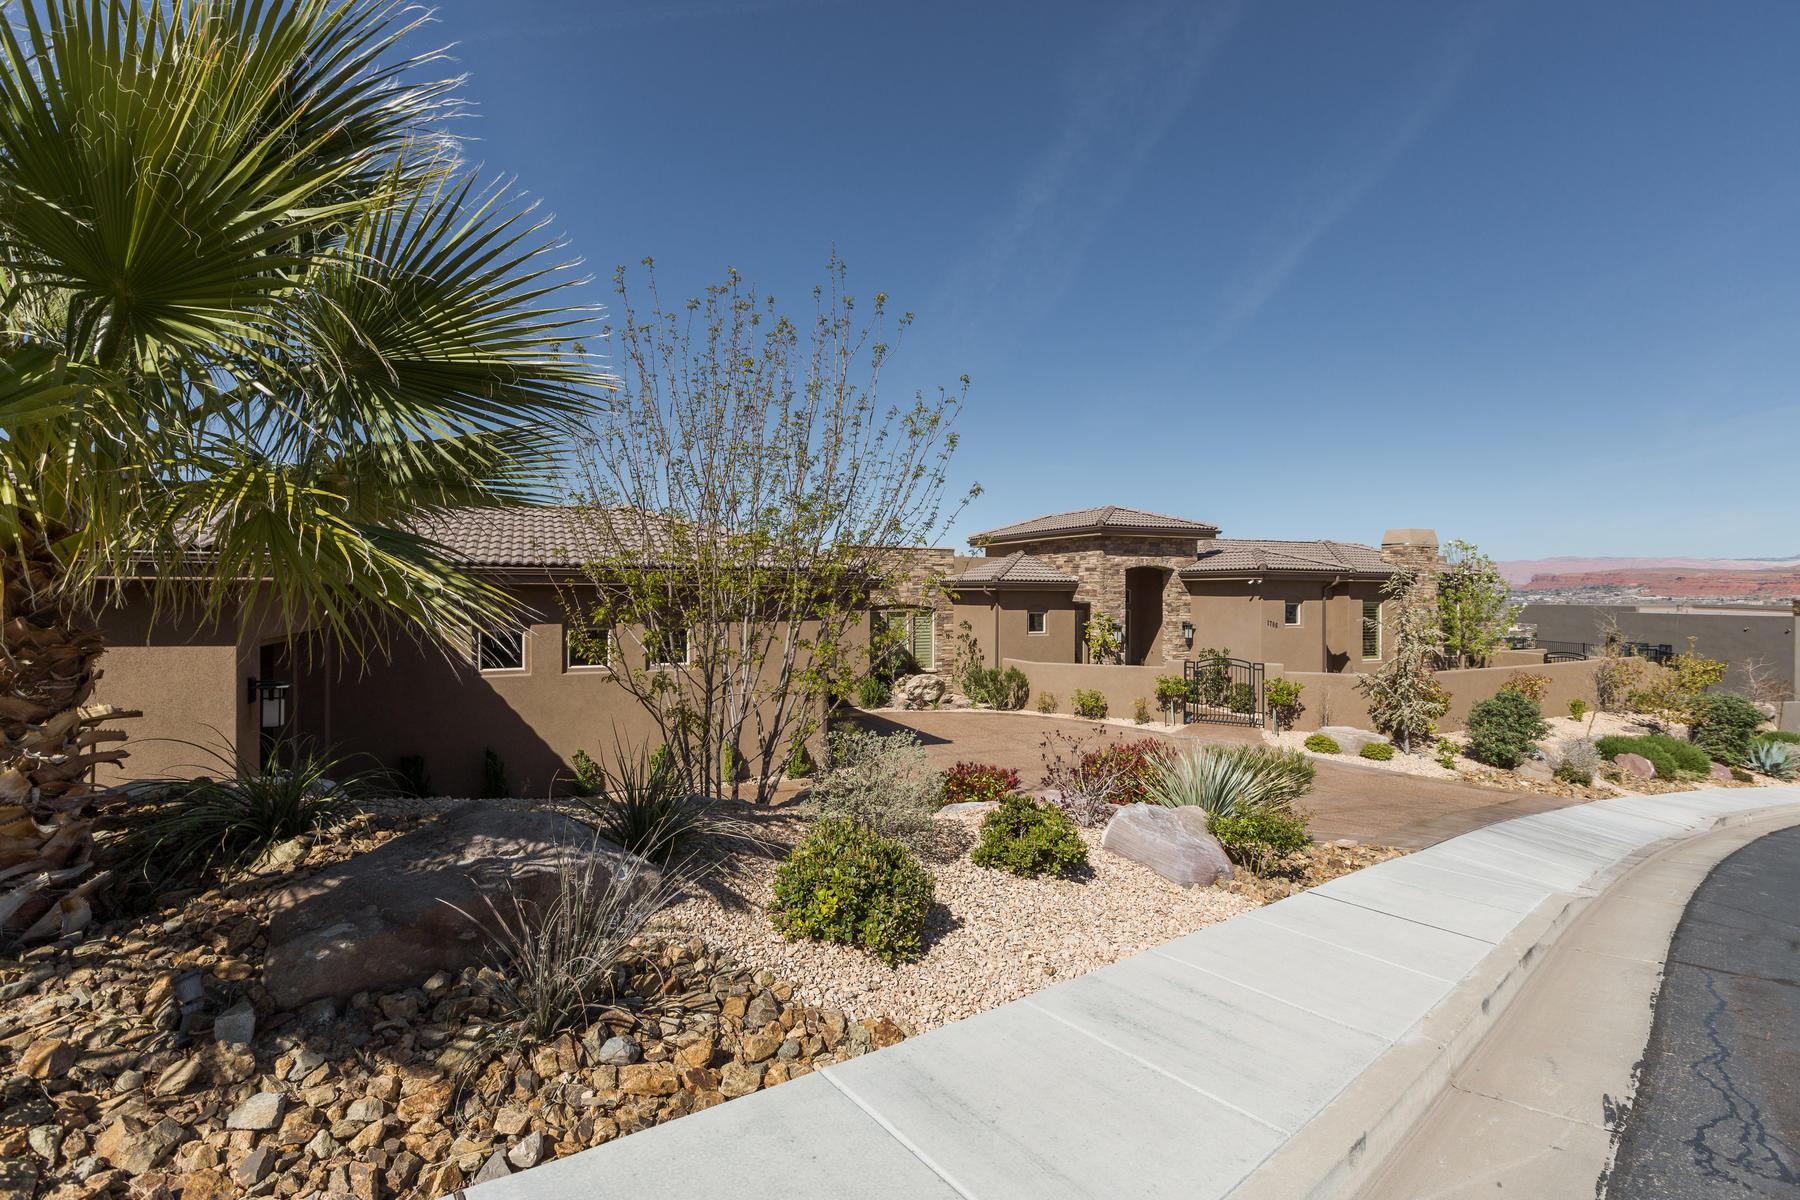 Maison unifamiliale pour l Vente à For Simple Elegance 1706 S Cliff Point Dr, St. George, Utah, 84790 États-Unis